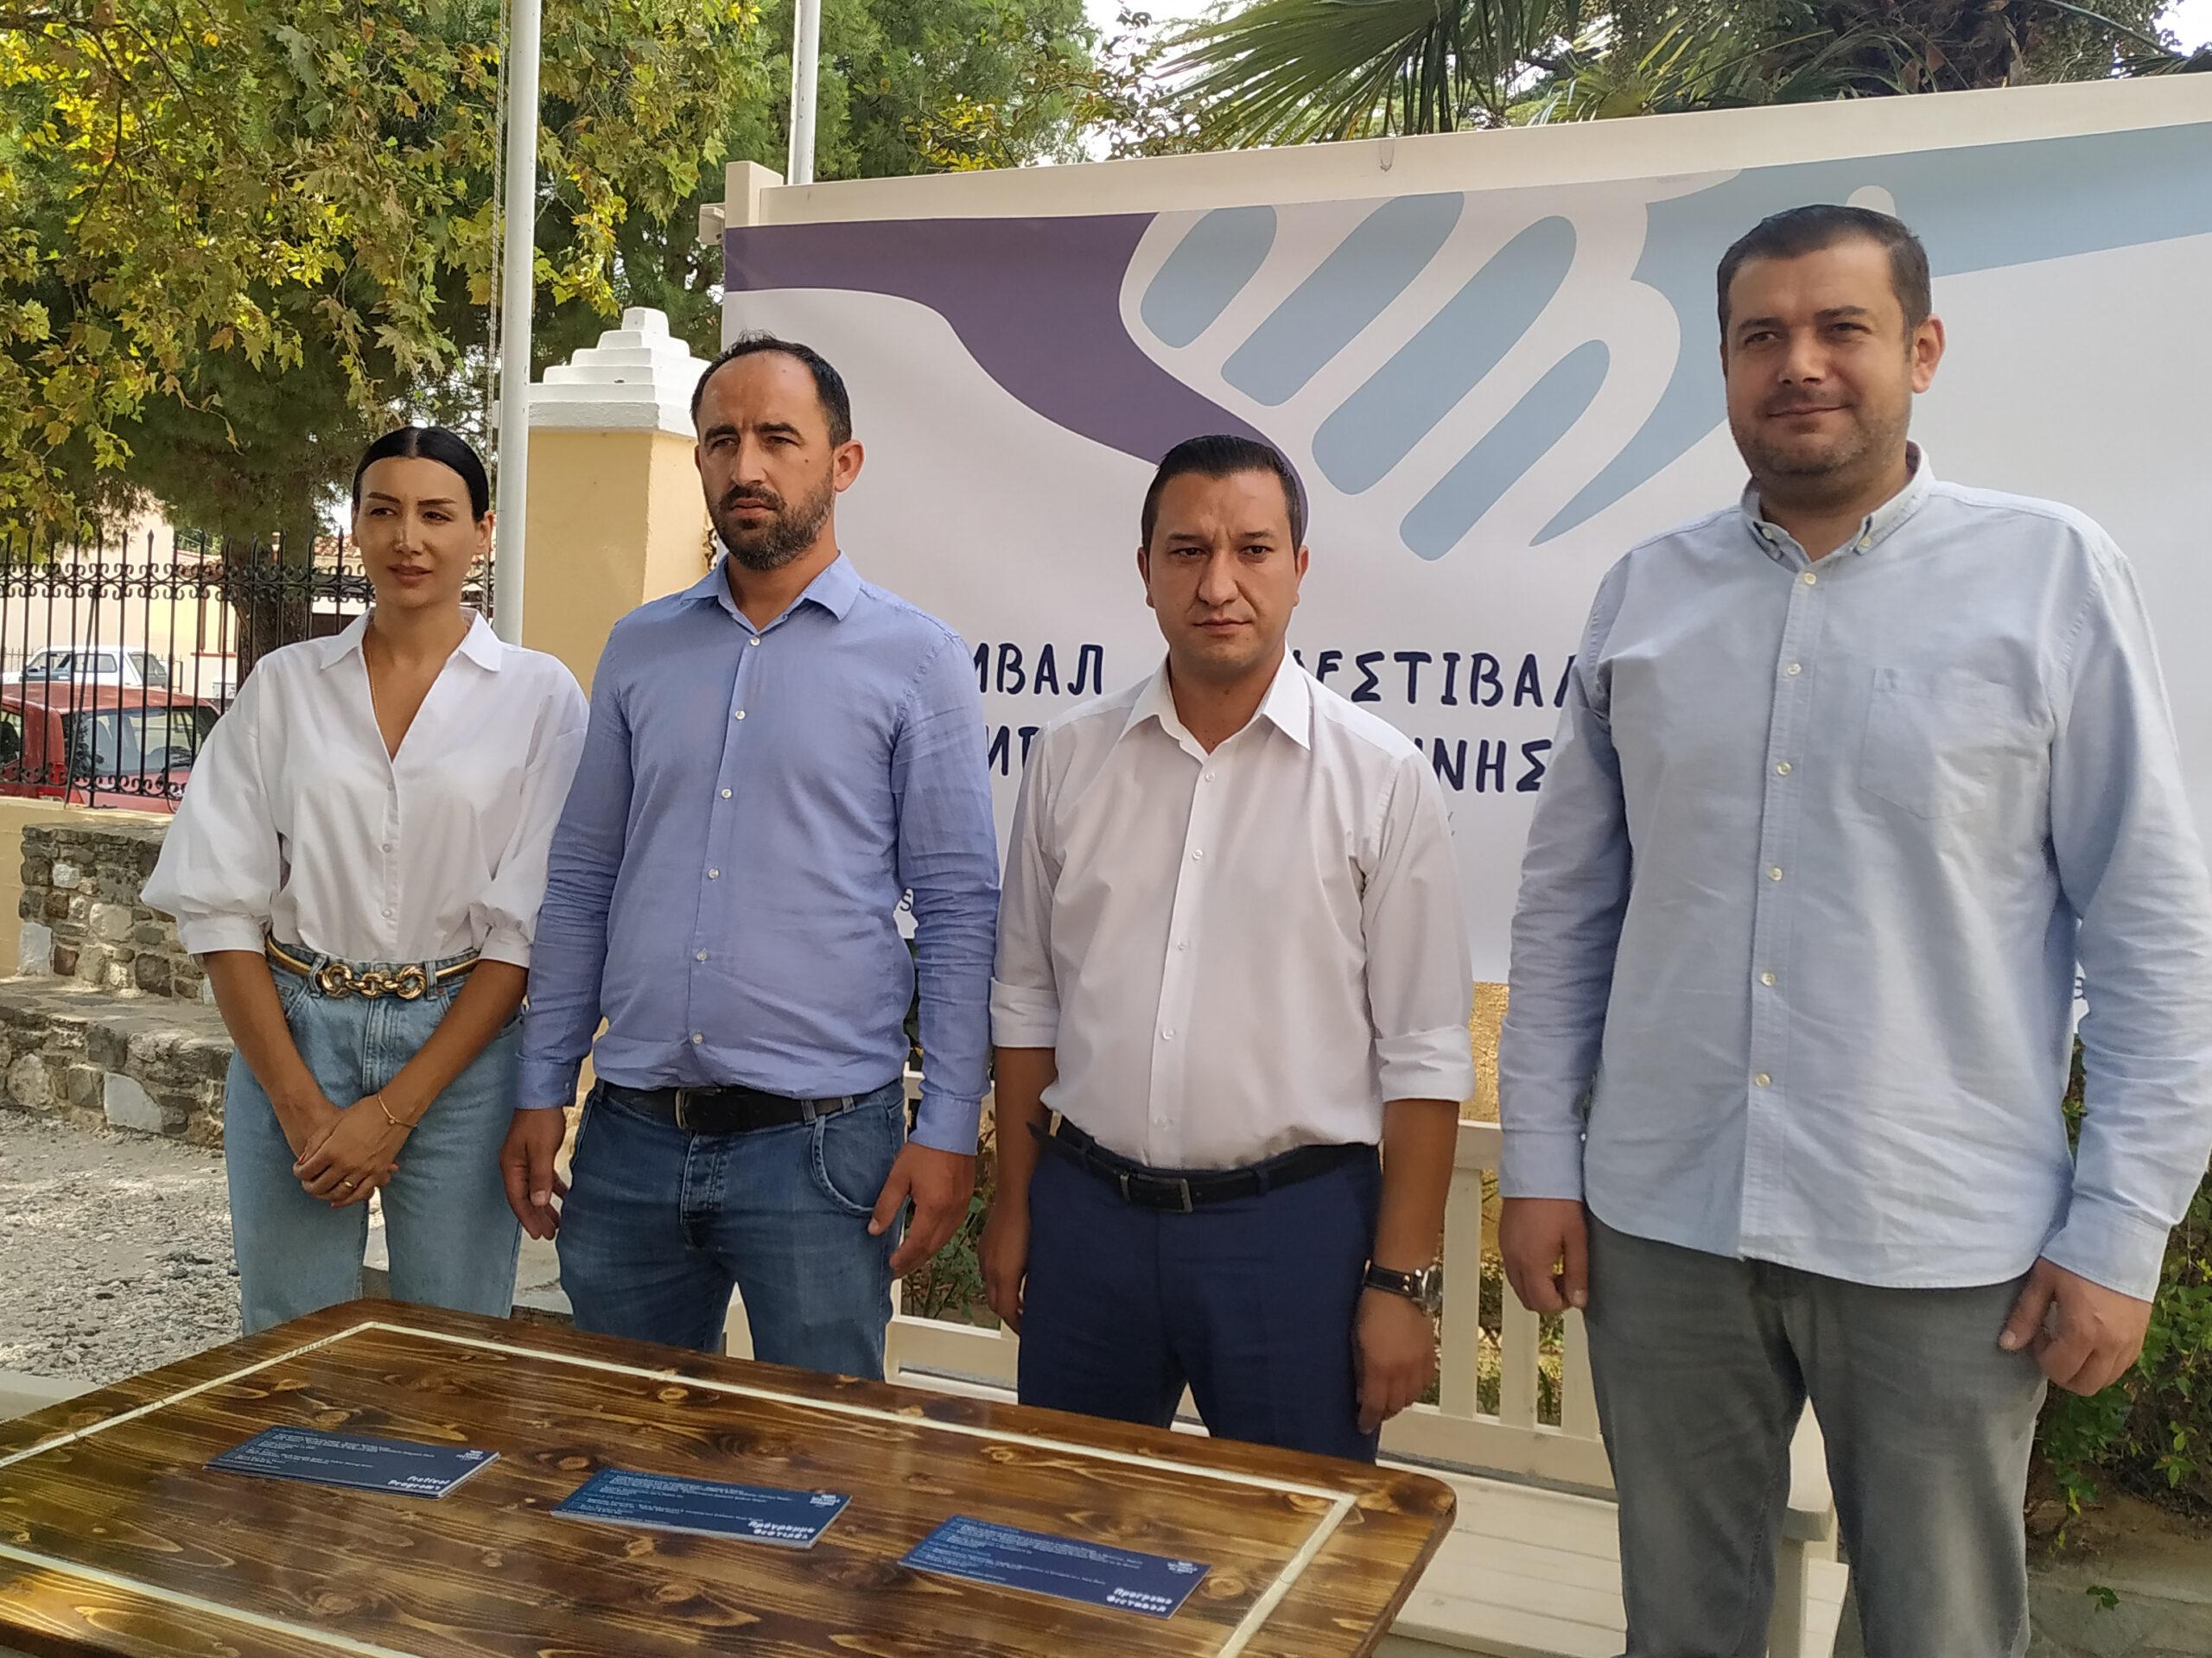 Το πρώτο φεστιβάλ Ειρήνης στο δήμο Ιάσμου